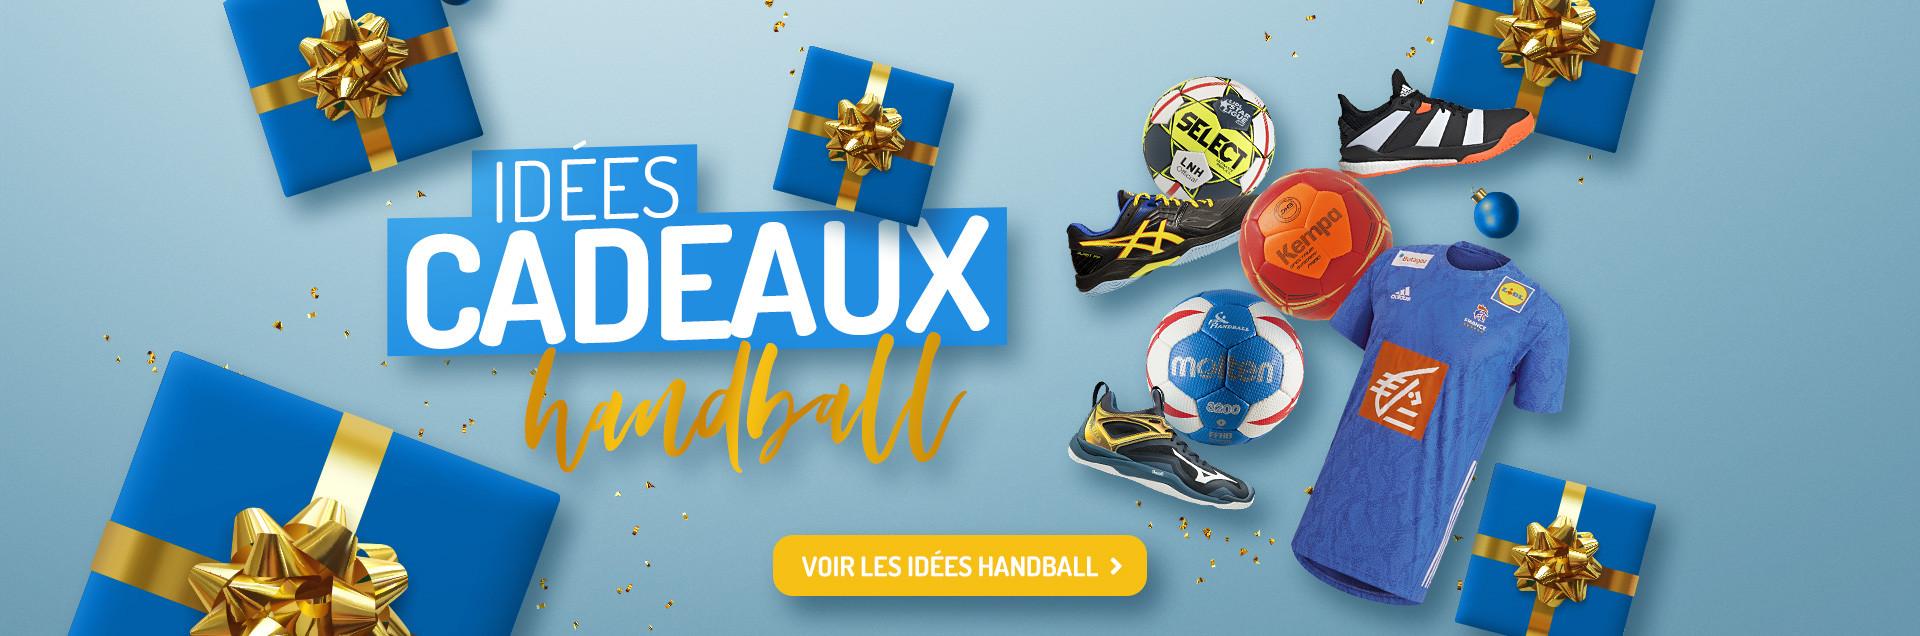 Noel handball